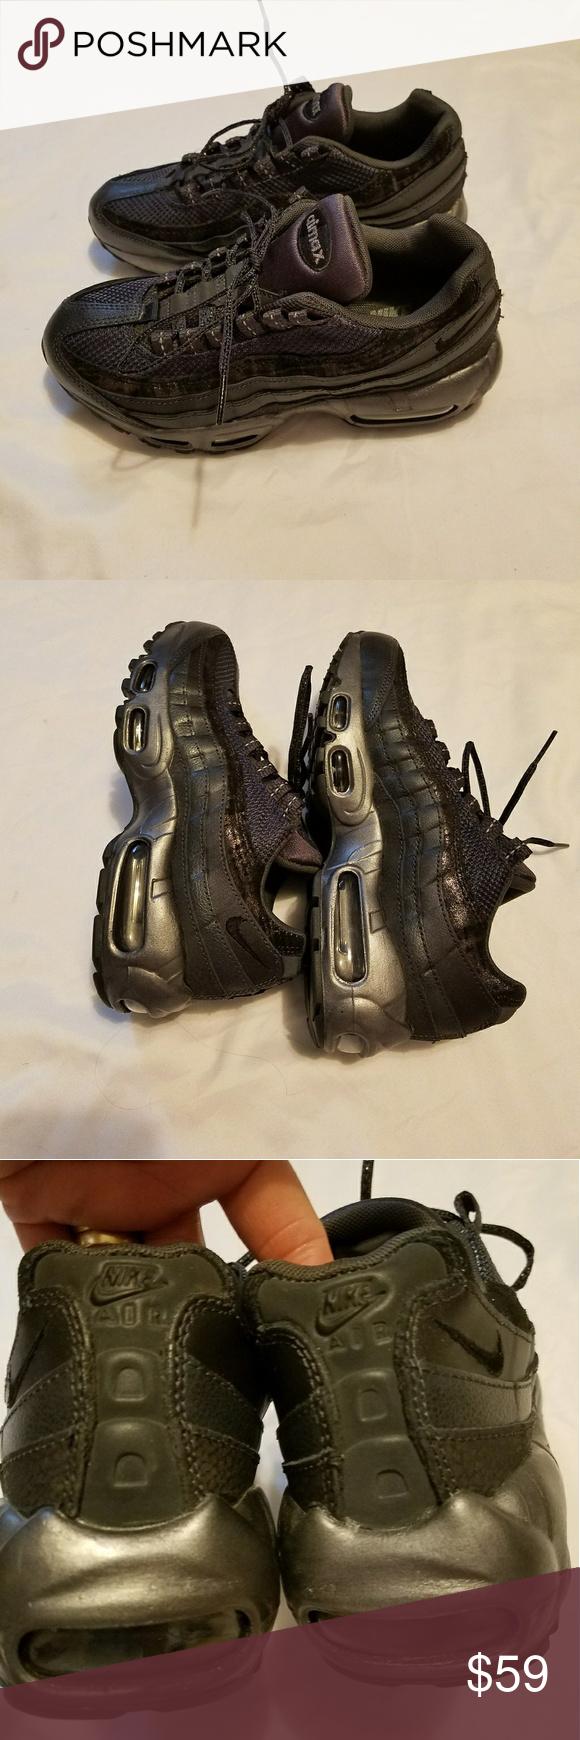 Nike air climax Shoes. Cute Nike air climax shoes.Size 6